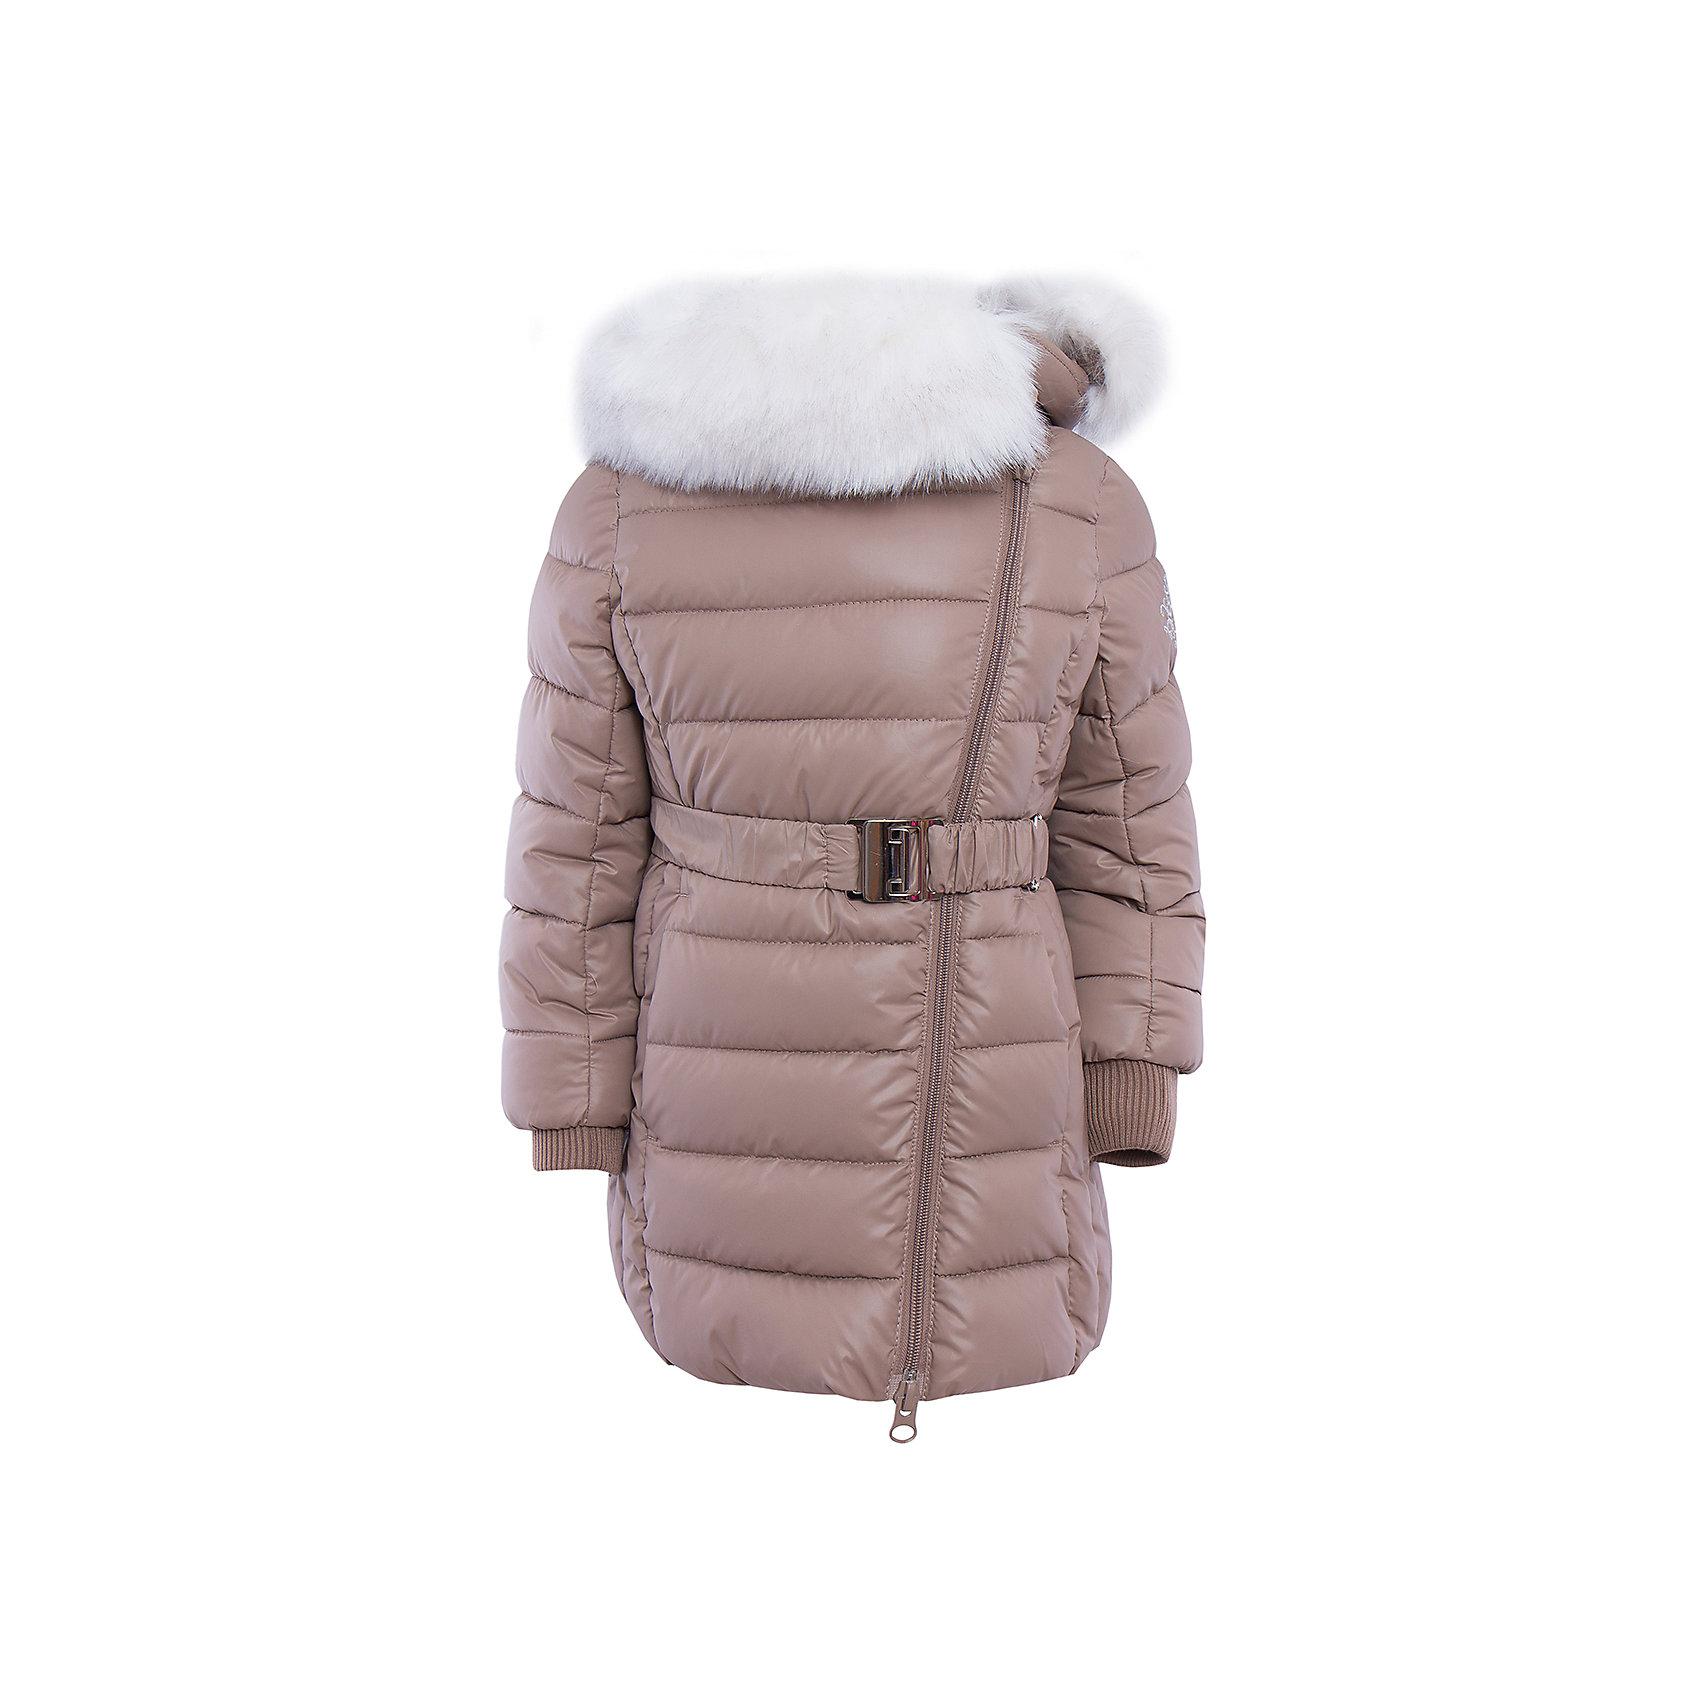 Пальто для девочки BOOM by OrbyВерхняя одежда<br>Характеристики изделия:<br><br>- материал верха: мягкая болонь;<br>- подкладка: ПЭ, флис;<br>- утеплитель: Flexy Fiber 400 г/м2, <br>- отделка: искуственный мех;<br>- утеплитель: Flexy Fiber 400 г/м2, <br>- фурнитура: металл, пластик;<br>- застежка: молния;<br>- высокий воротник;<br>- эластичный пояс;<br>- вышивка;<br>- температурный режим до -30°С<br><br><br>В холодный сезон девочки хотят одеваться не только тепло, но и модно. Это стильное и теплое пальто позволит ребенку наслаждаться зимним отдыхом, не боясь замерзнуть, и выглядеть при этом очень симпатично.<br>Теплое пальто плотно сидит благодаря манжетам и надежным застежкам. Оно смотрится очень эффектно благодаря пушустому меху на капюшоне и ассиметричной молнии. Пальто дополнено карманами и эластичным поясом.<br><br>Пальто для девочки от бренда BOOM by Orby можно купить в нашем магазине.<br><br>Ширина мм: 356<br>Глубина мм: 10<br>Высота мм: 245<br>Вес г: 519<br>Цвет: бежевый<br>Возраст от месяцев: 36<br>Возраст до месяцев: 48<br>Пол: Женский<br>Возраст: Детский<br>Размер: 104,110,98<br>SKU: 4992355